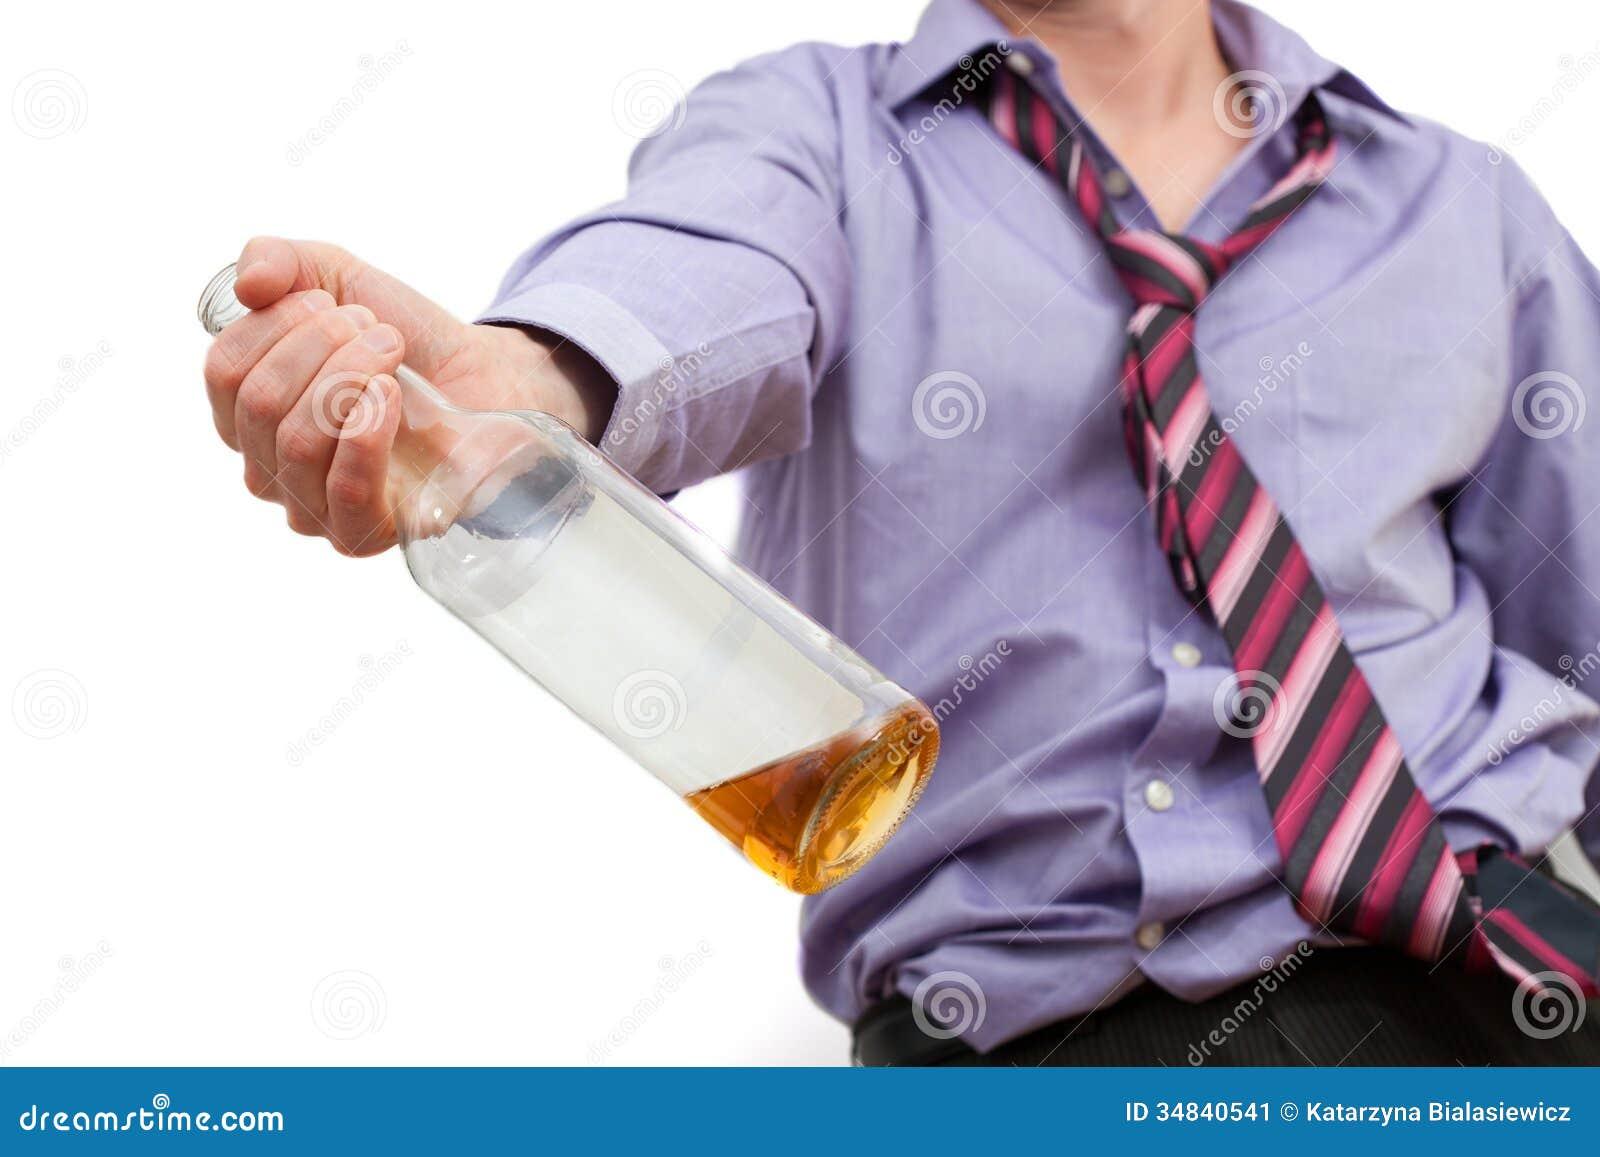 Лечение алкоголизма без ведома больного: средства 3